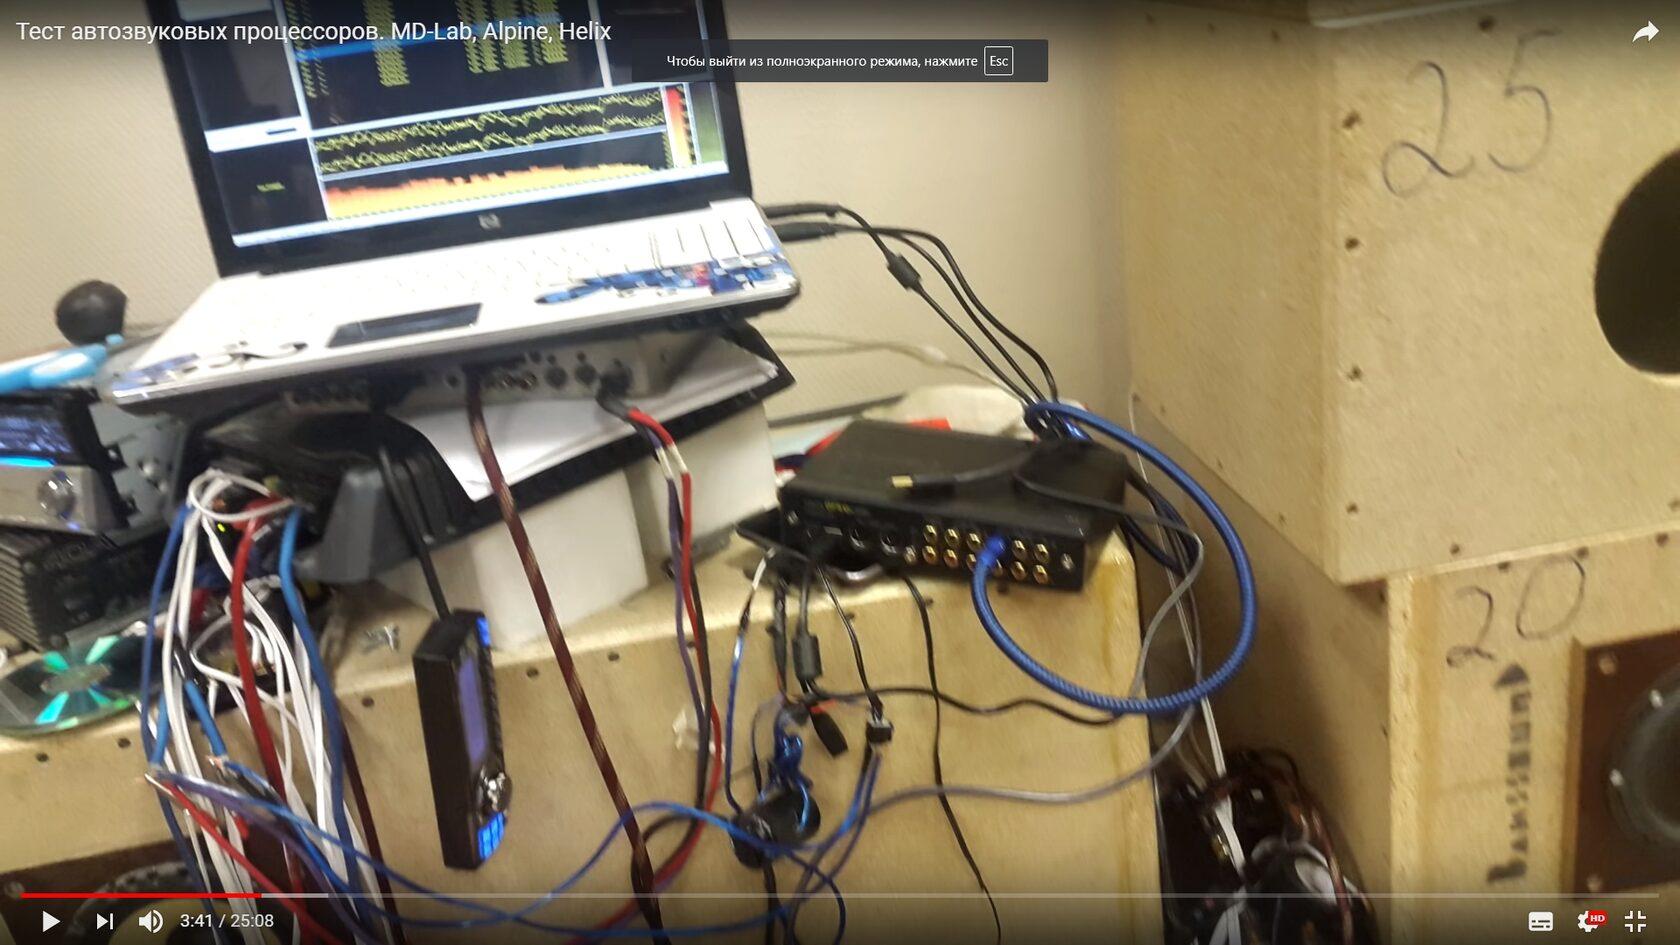 тест автомобильных аудиопроцессоров